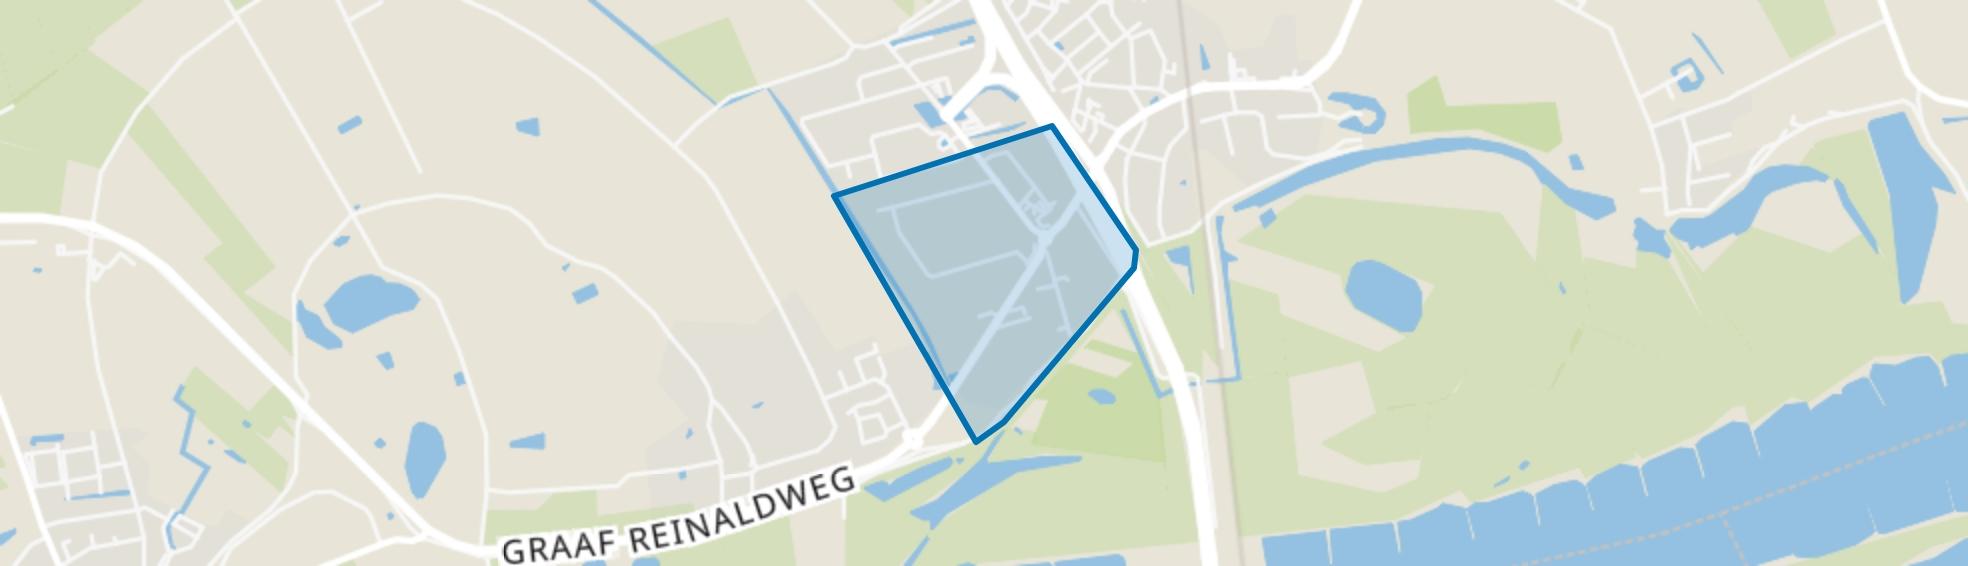 Waardenburg-West, Waardenburg map